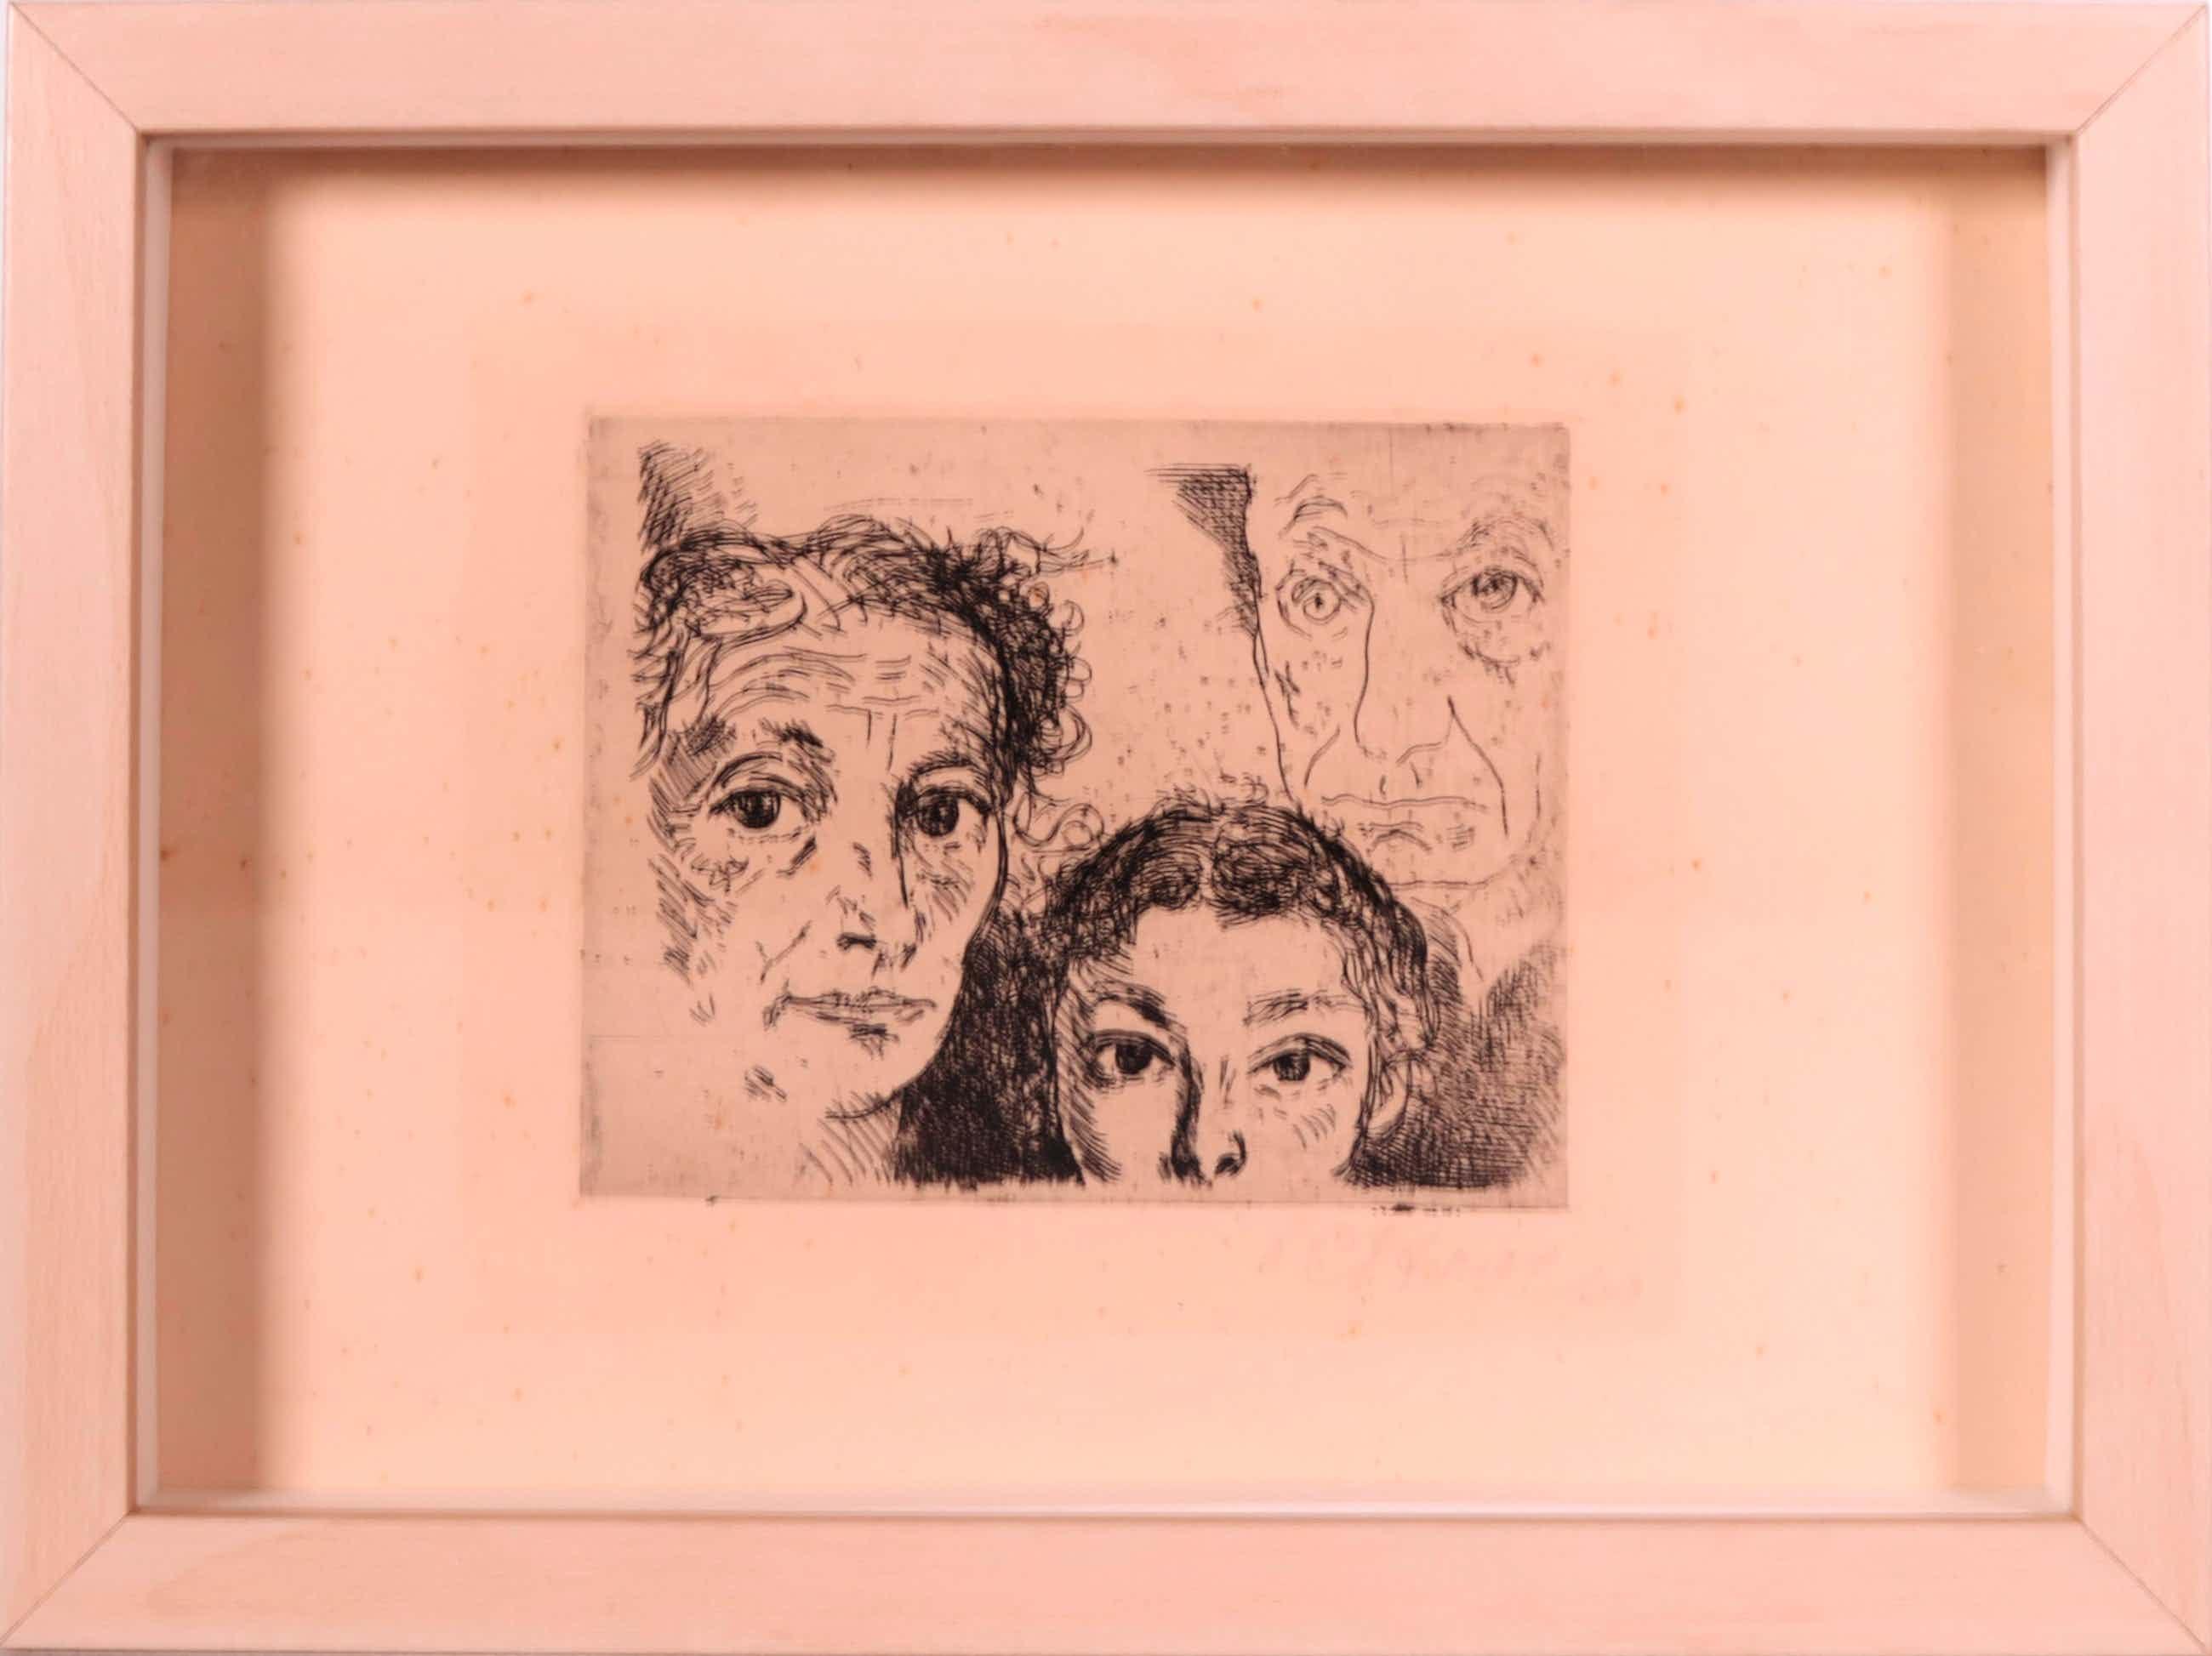 Paul Citroen - Ets, 3 portretten in 1 waaronder een zelfportret, Gesigneerd kopen? Bied vanaf 75!